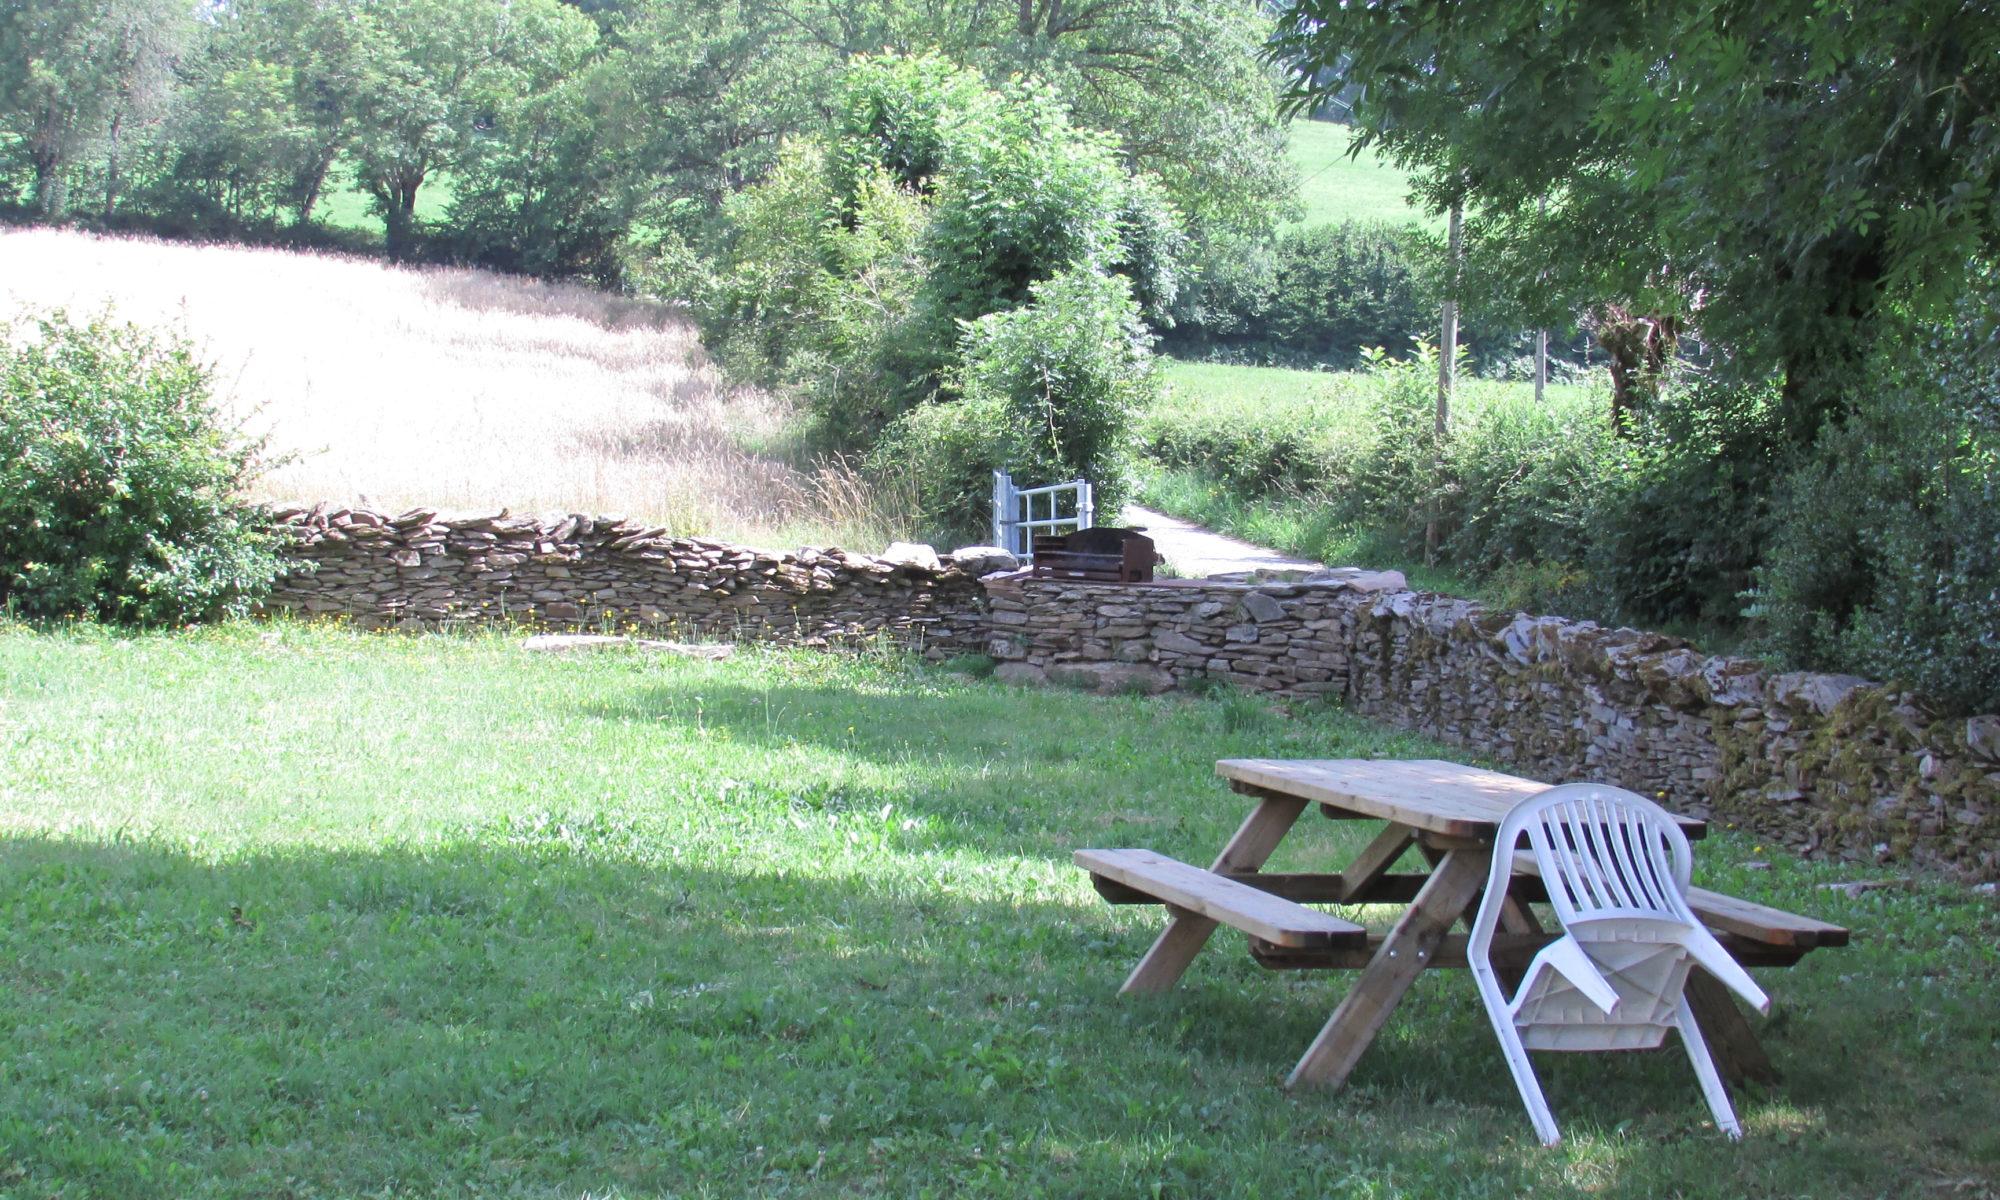 Le gite de la presqu'ile Aveyron - Extérieurs